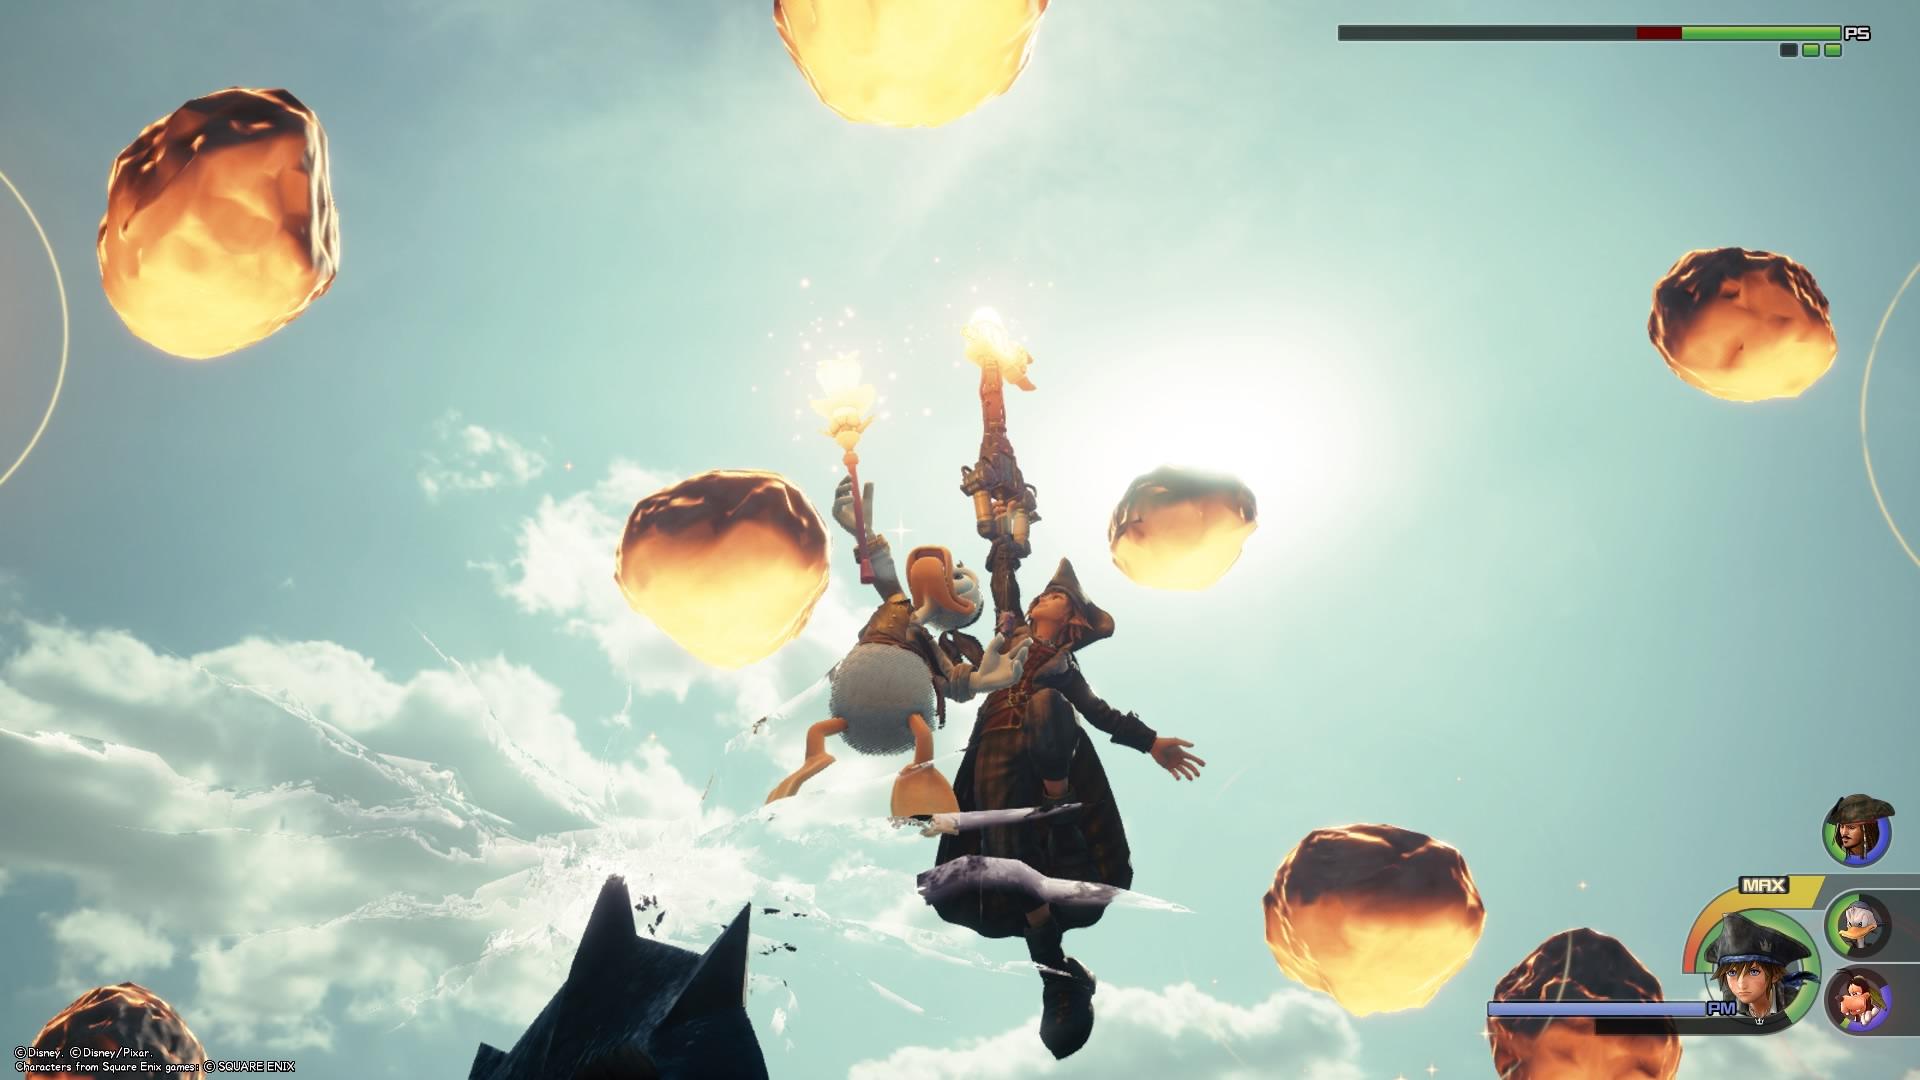 Arriva domani la modalità Critica di Kingdom Hearts III!